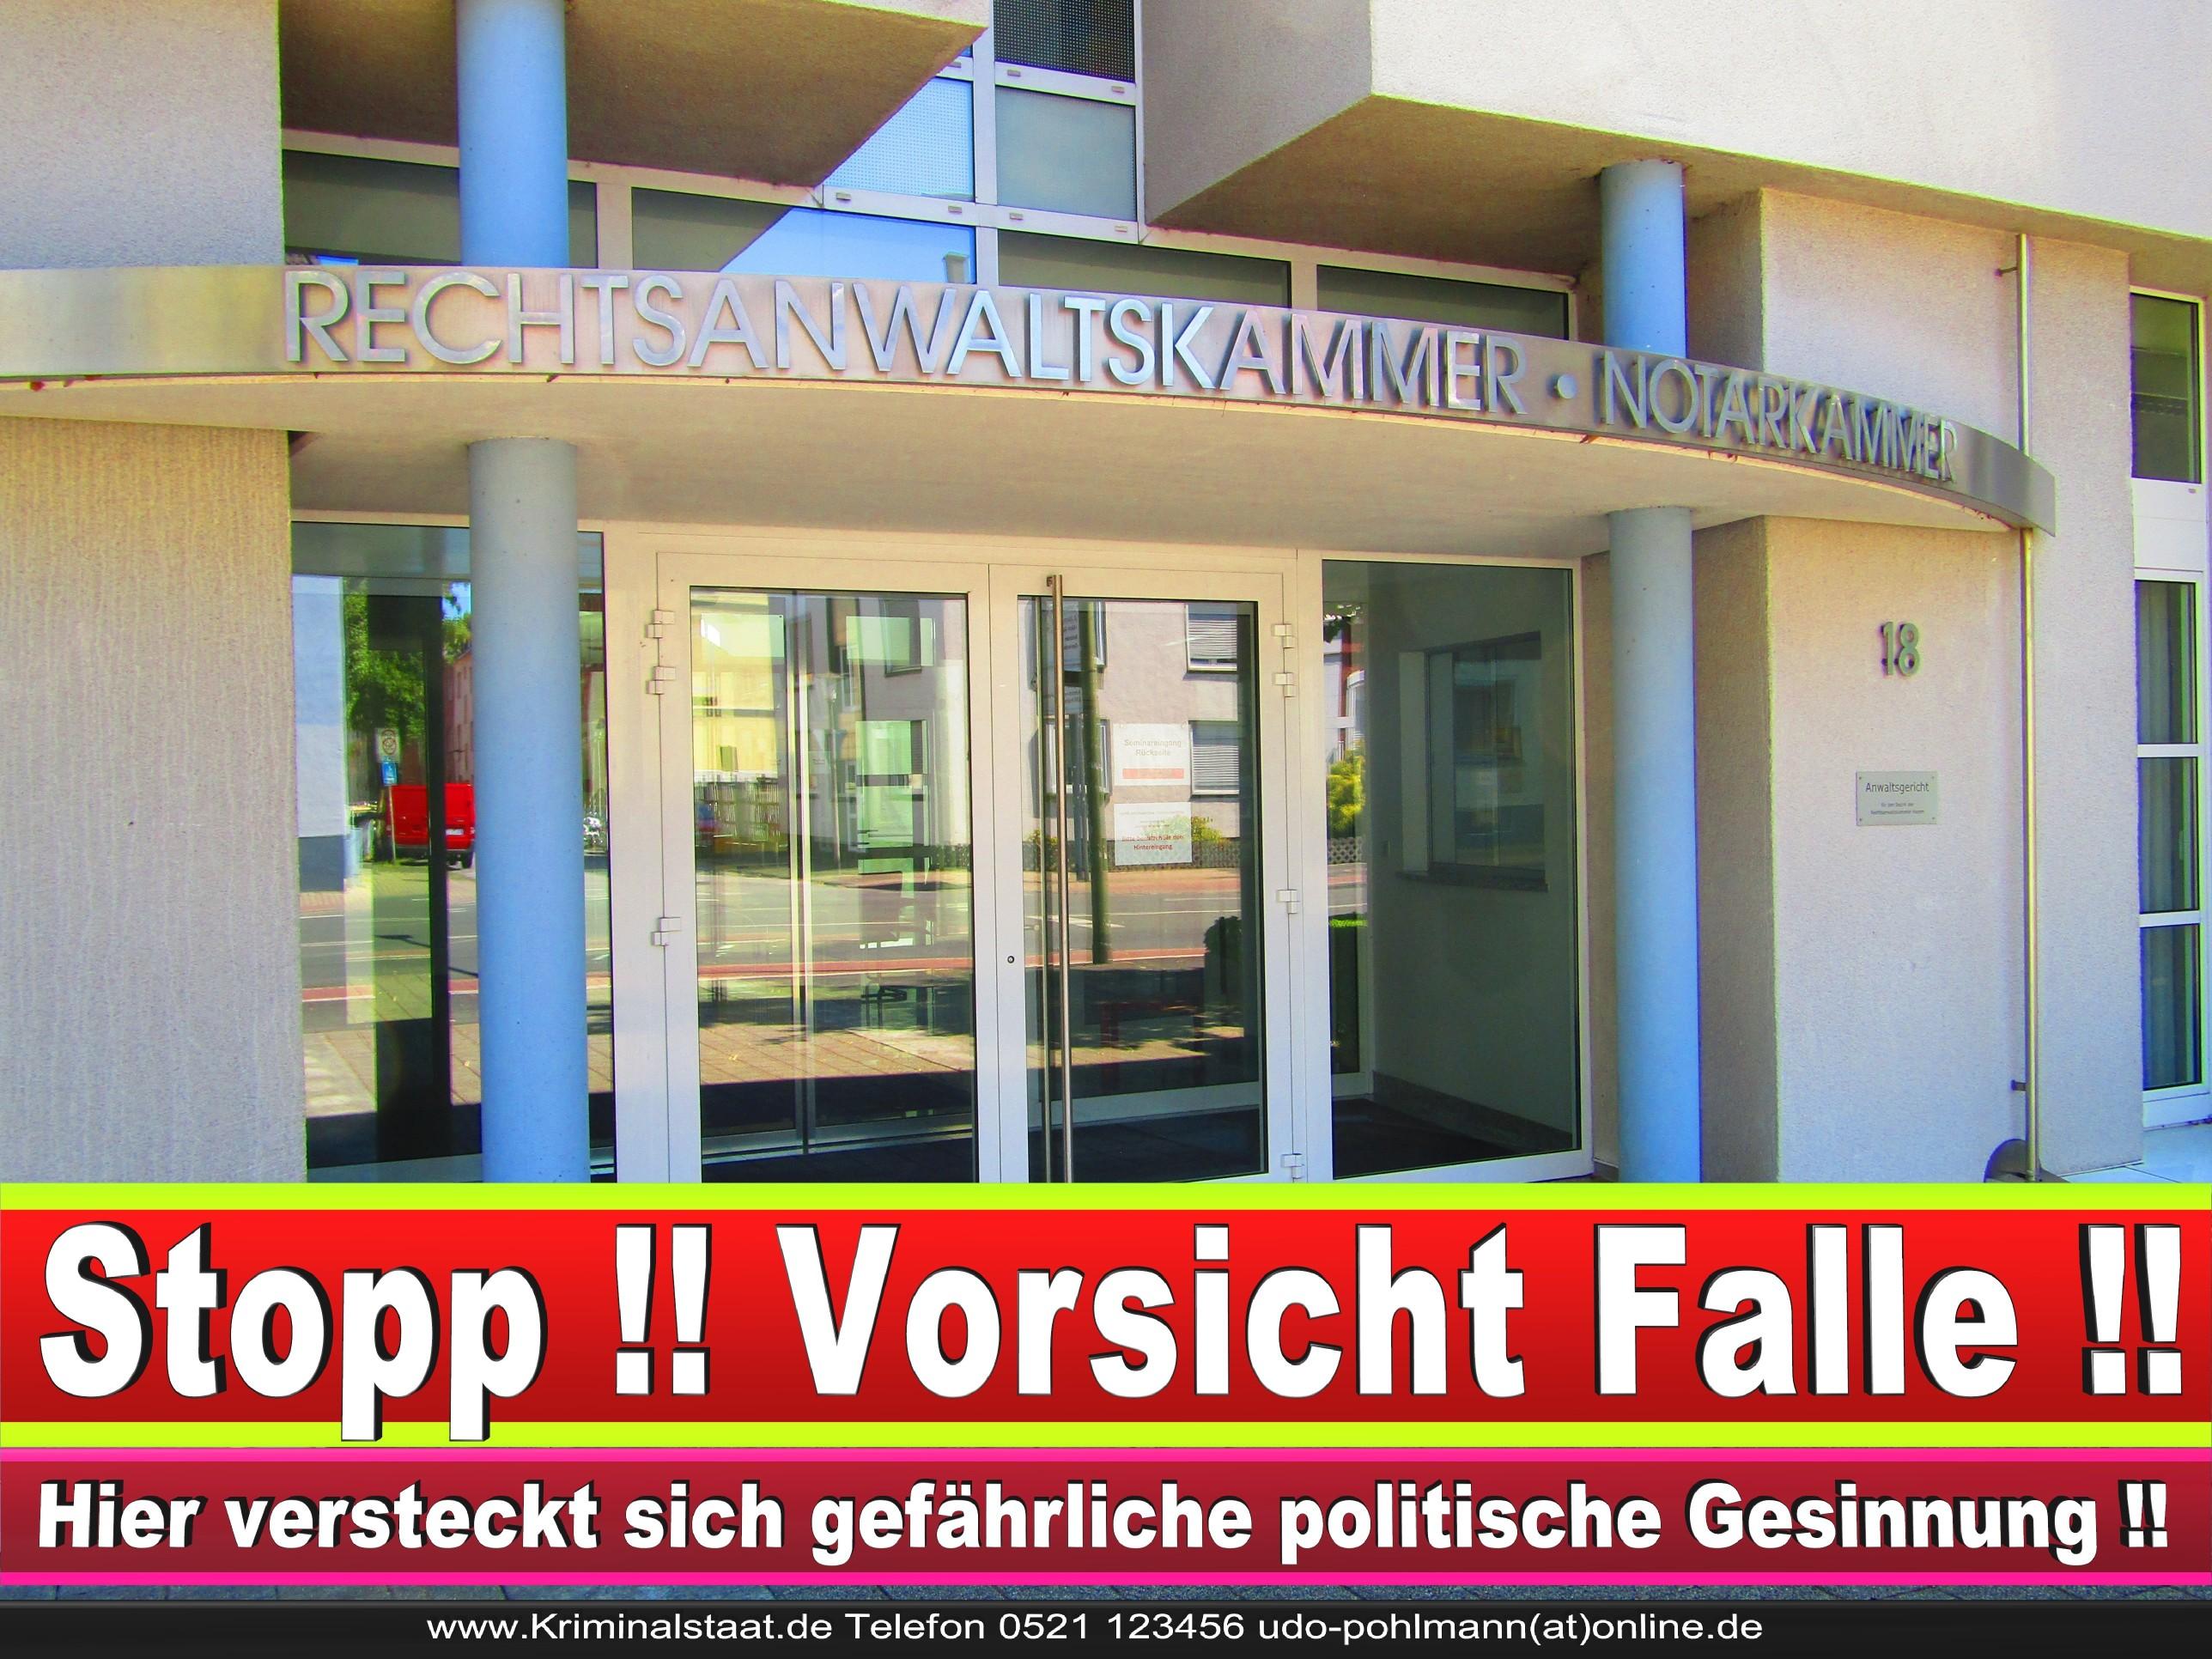 Rechtsanwaltskammer Hamm NRW Justizminister Rechtsanwalt Notar Vermögensverfall Urteil Rechtsprechung CDU SPD FDP Berufsordnung Rechtsanwälte Rechtsprechung (8)